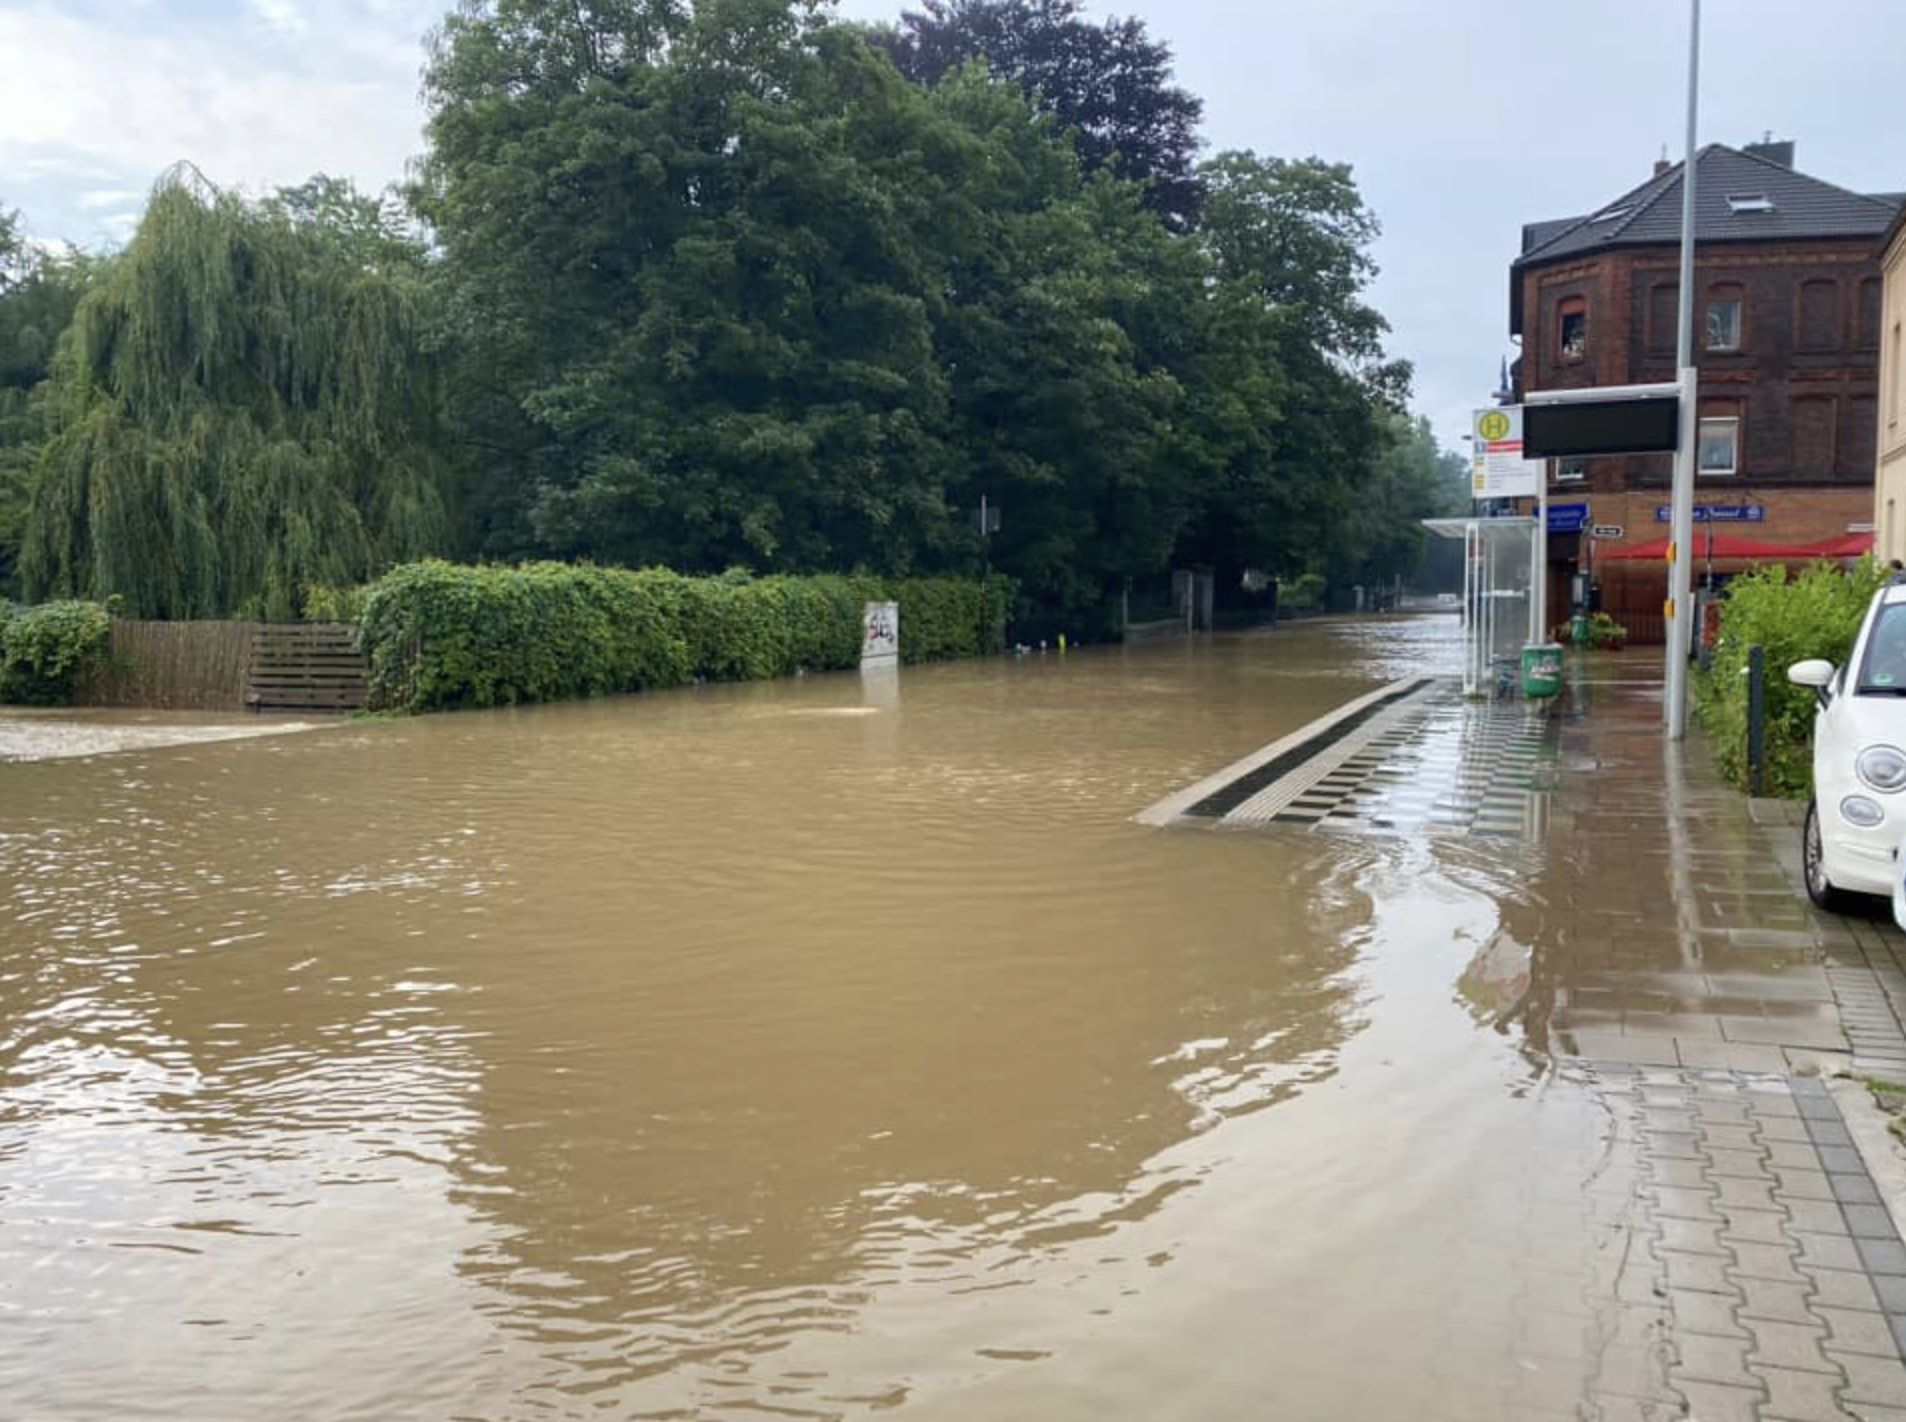 Normalerweise fließt die Düssel unter der Glashüttenstraße durch. Am 15. Juli trat sie über die Ufer und überflutete das Viertel südlich des Gerresheimer S-Bahnhofs.